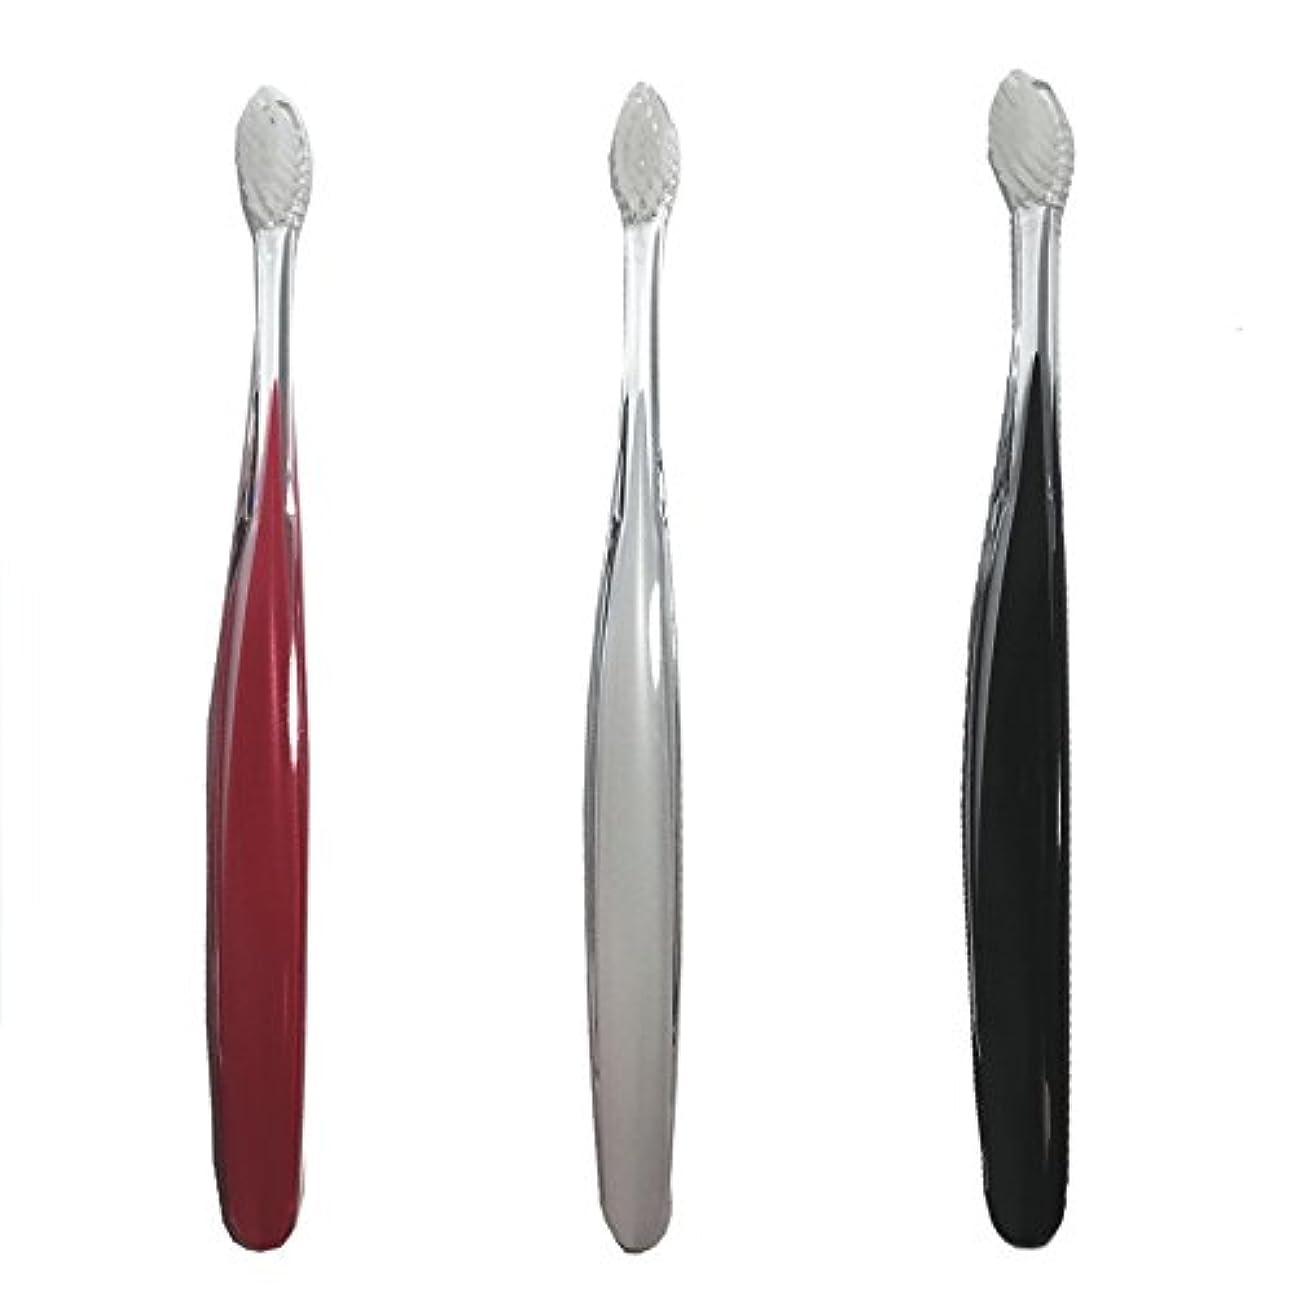 インストラクター自体冷えるサムライ(SAMRAI)歯ブラシ ふつう 3色セット